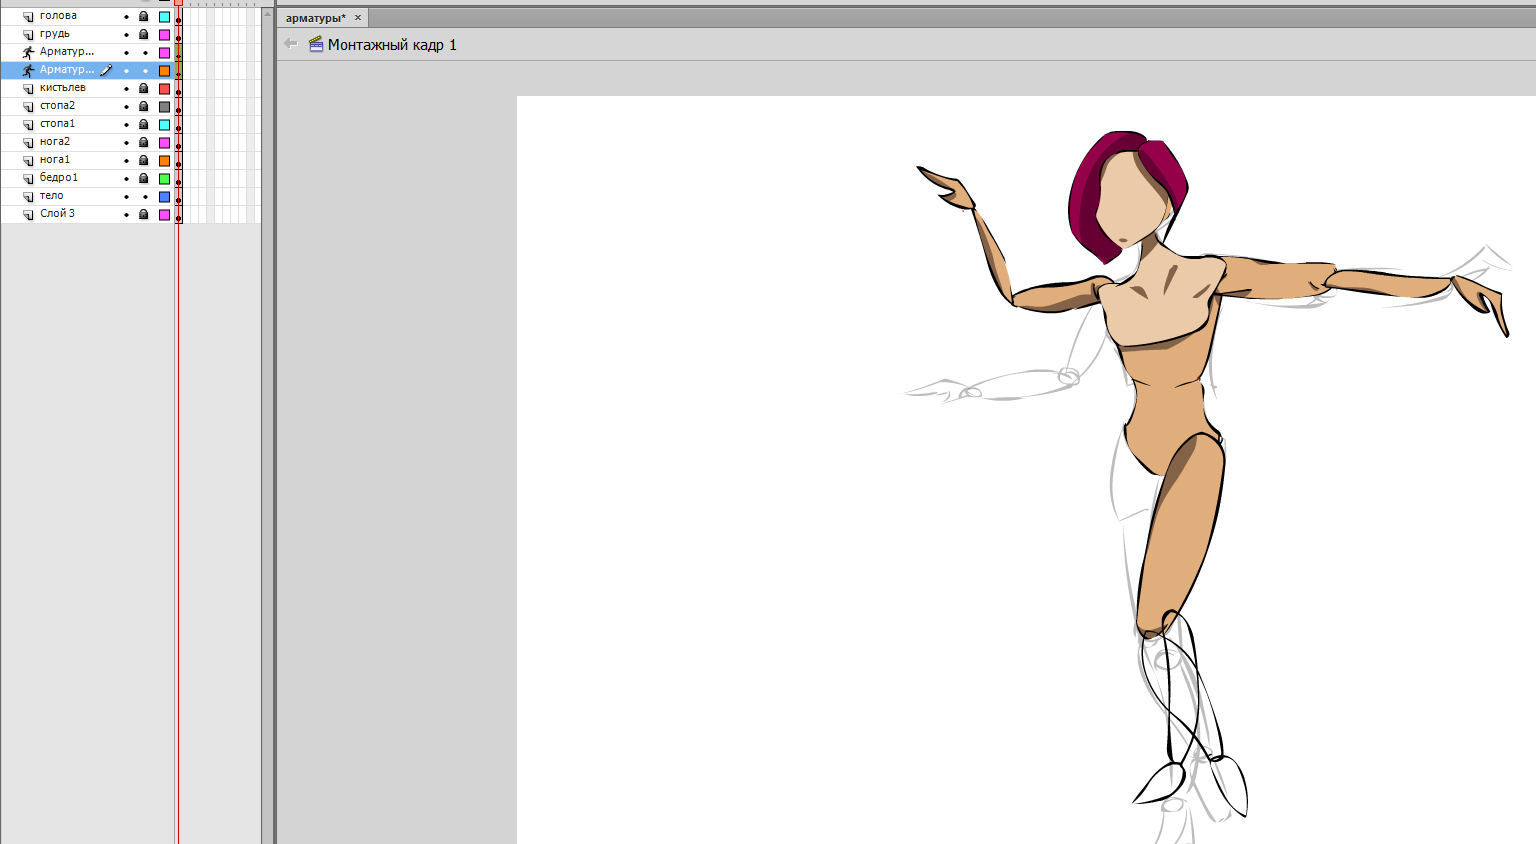 Как сделать анимацию двух картинок